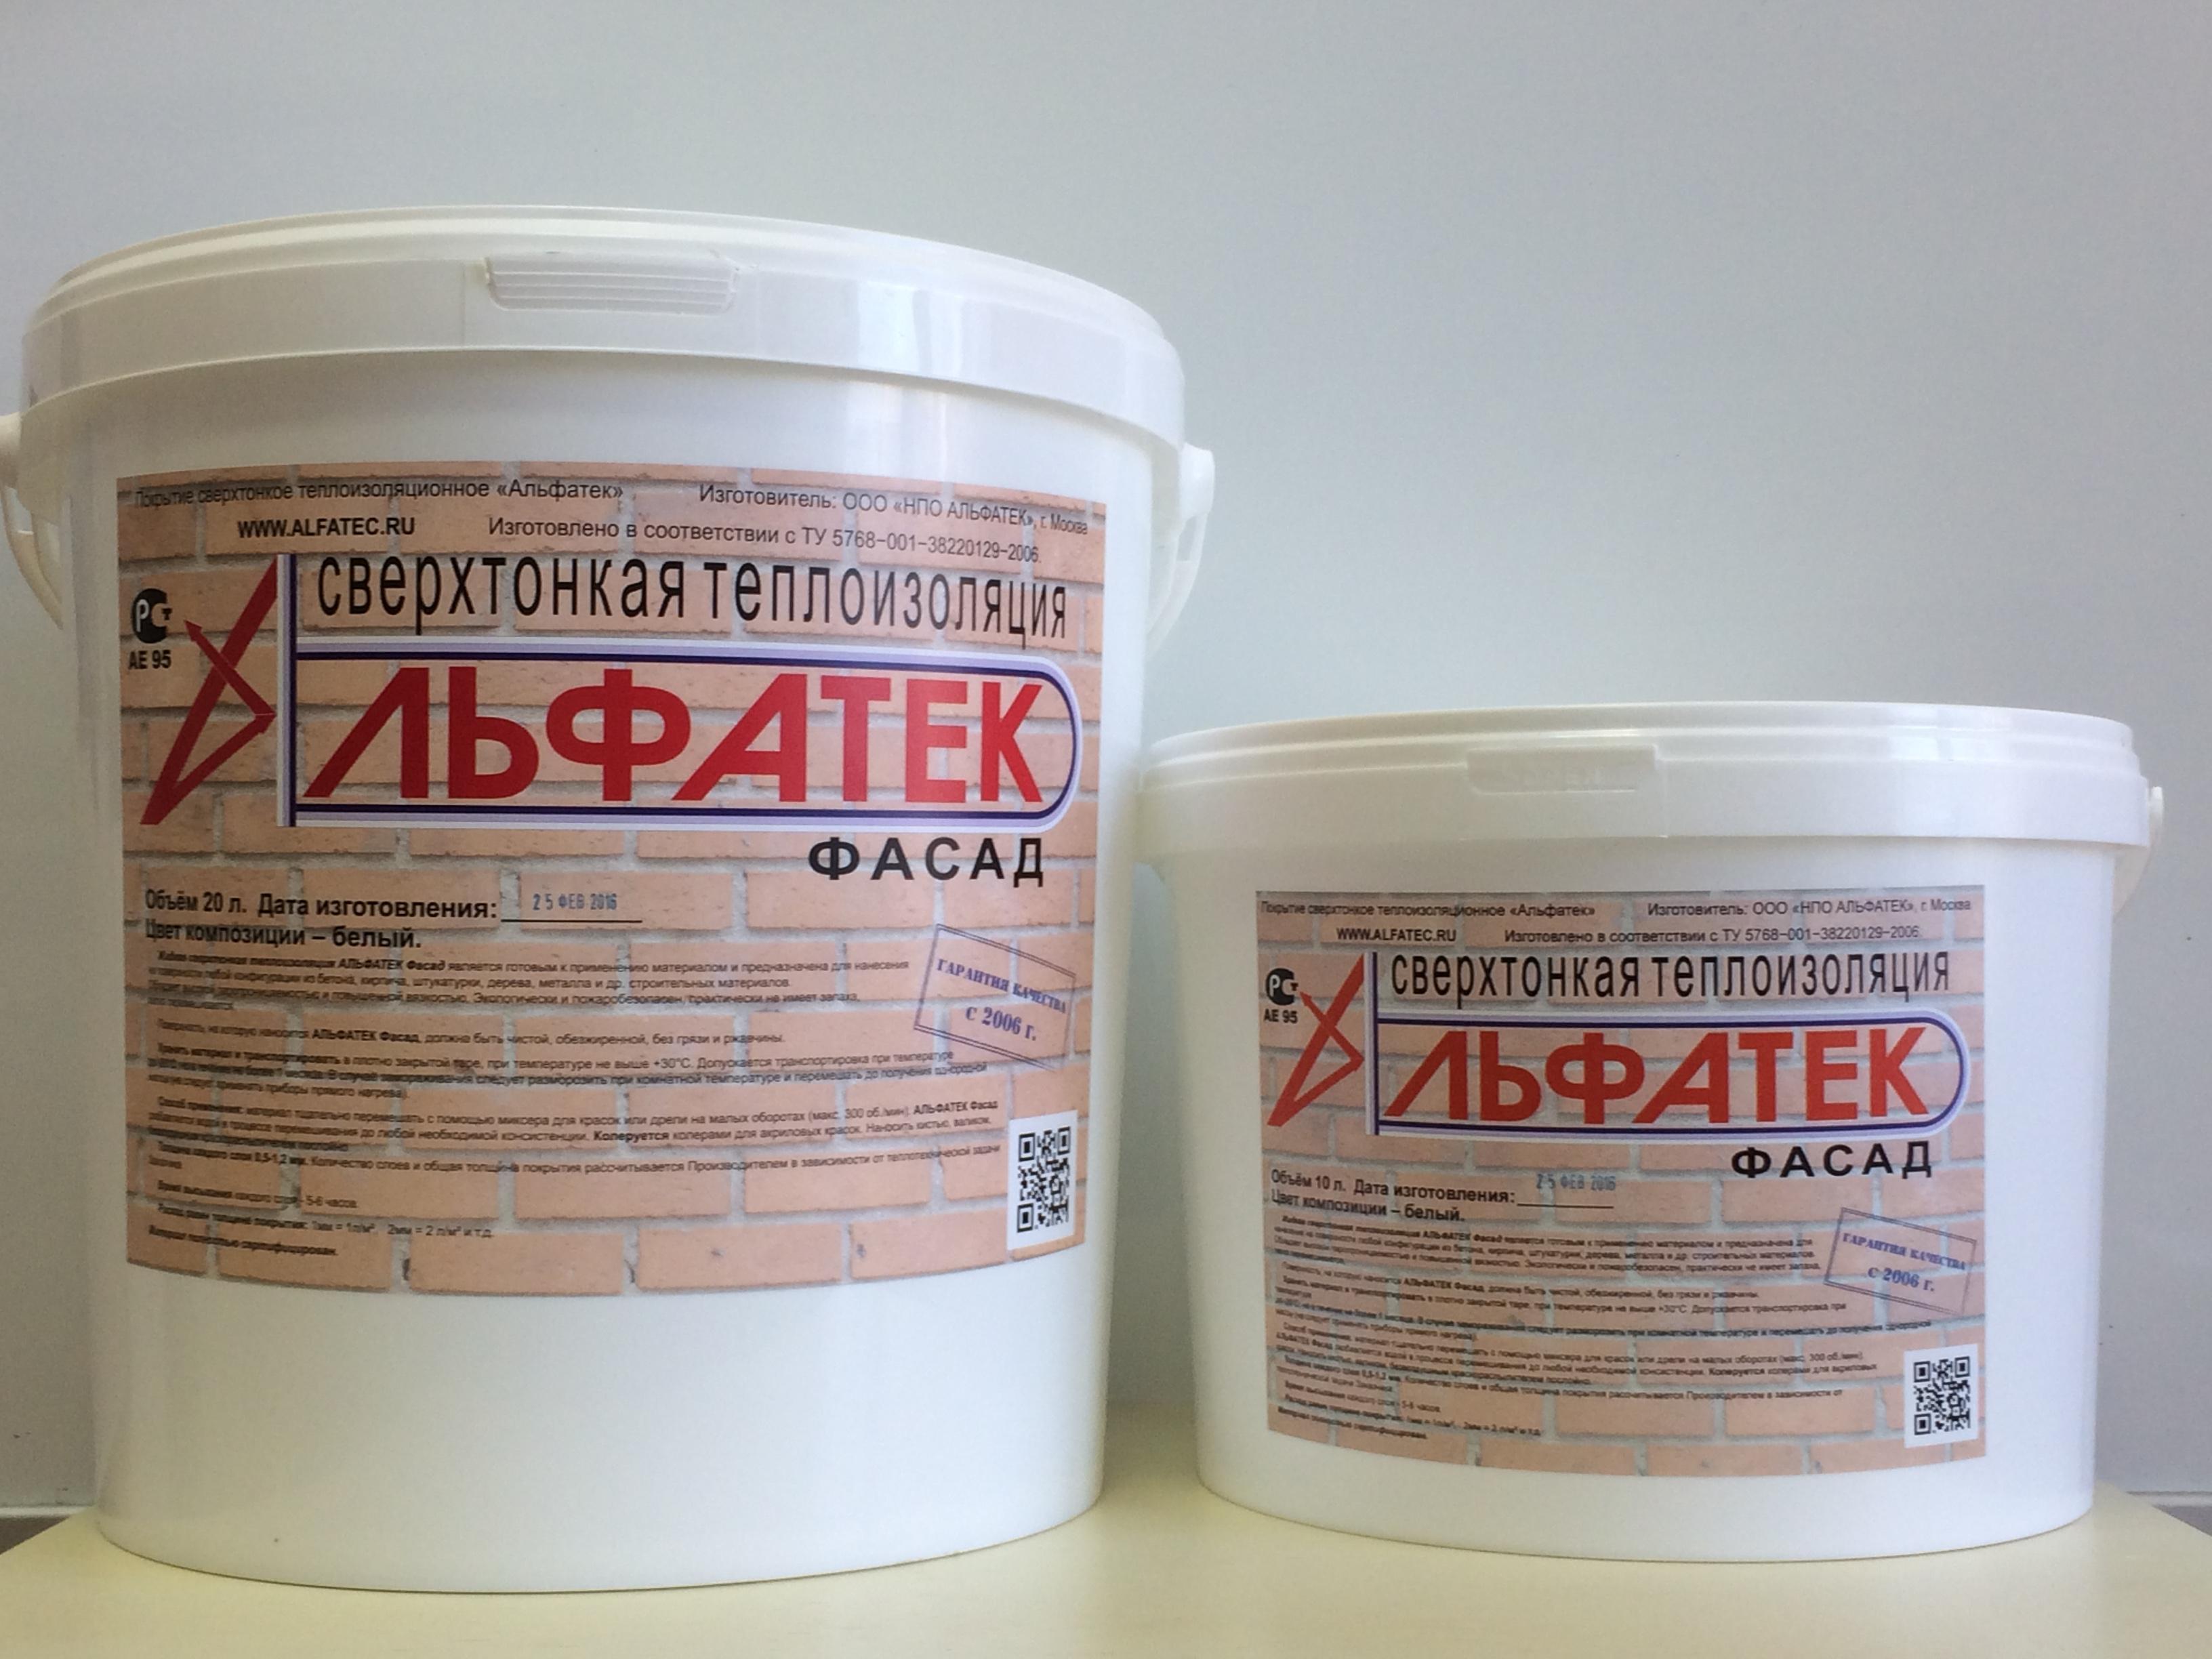 Жидкая теплоизоляция: правда и вымысел об этом материале жидкая теплоизоляция: правда и вымысел об этом материале |